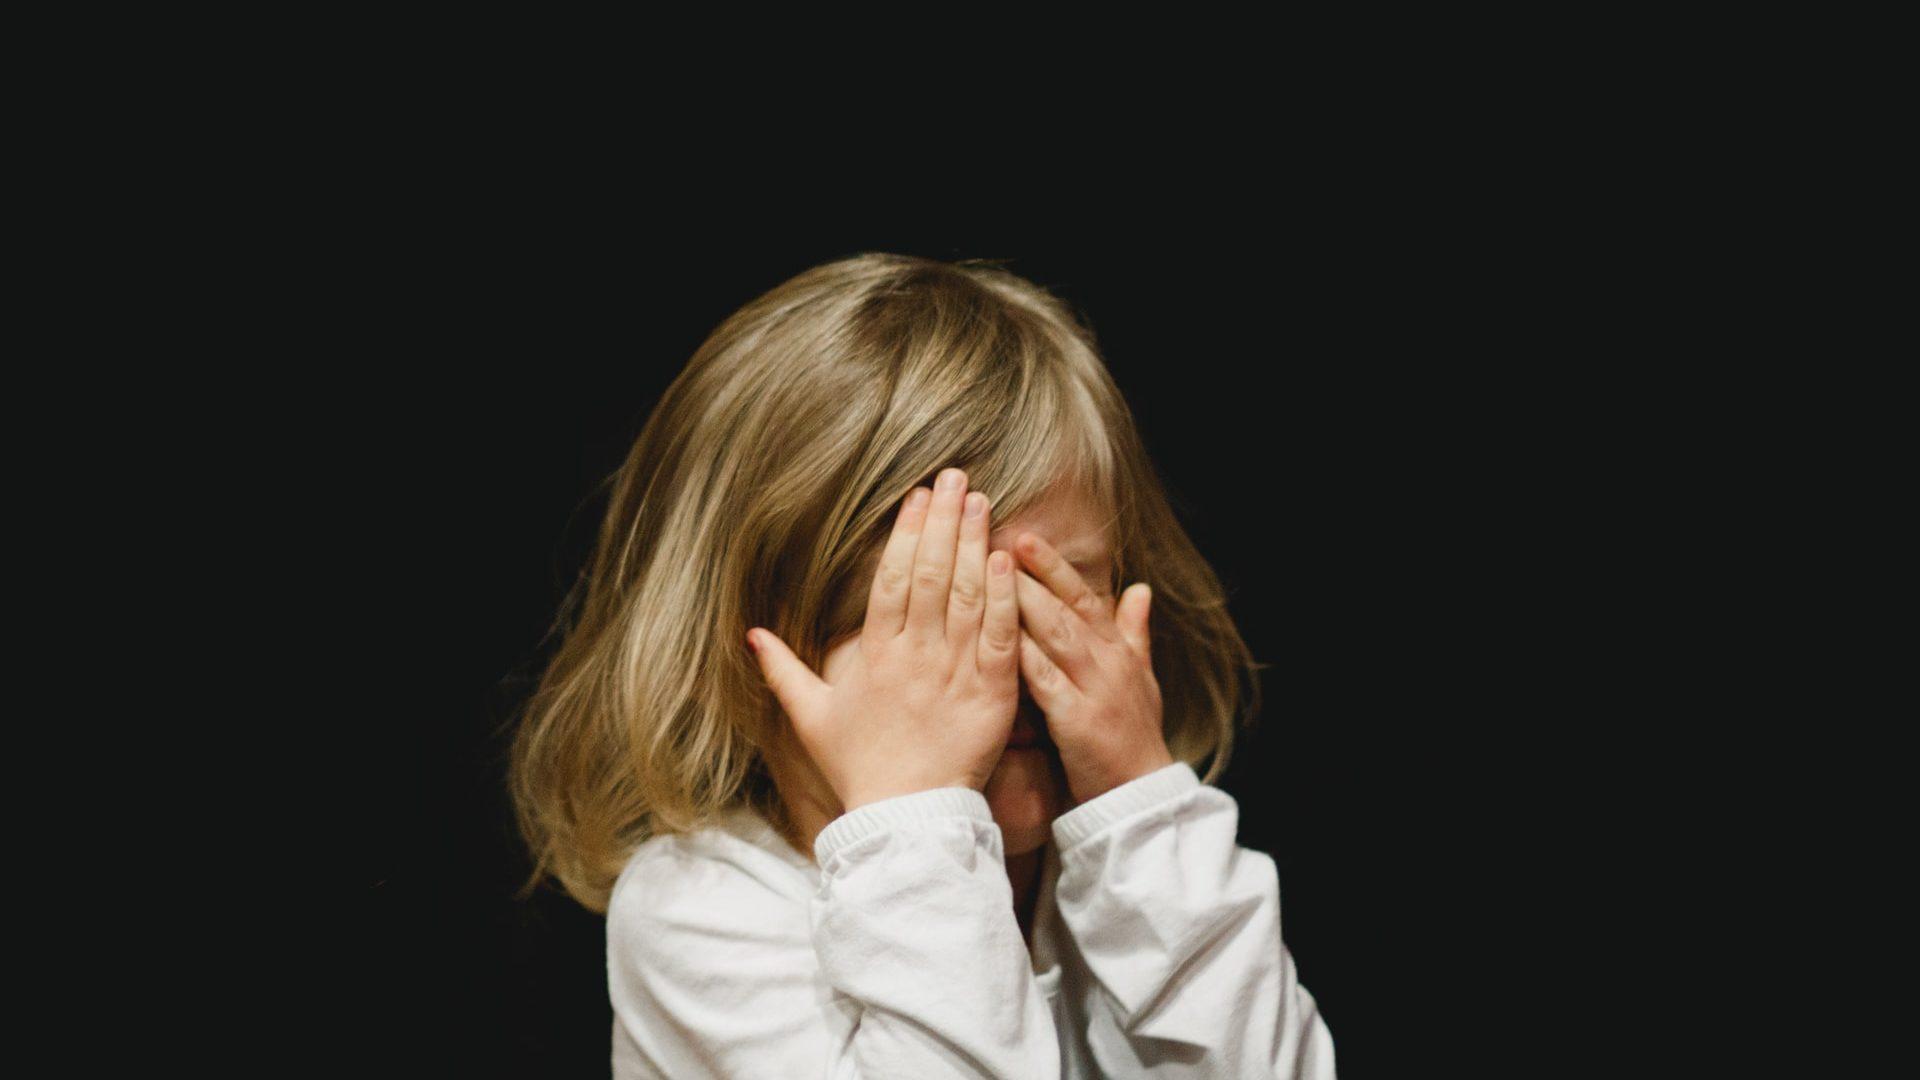 女の子が泣いている